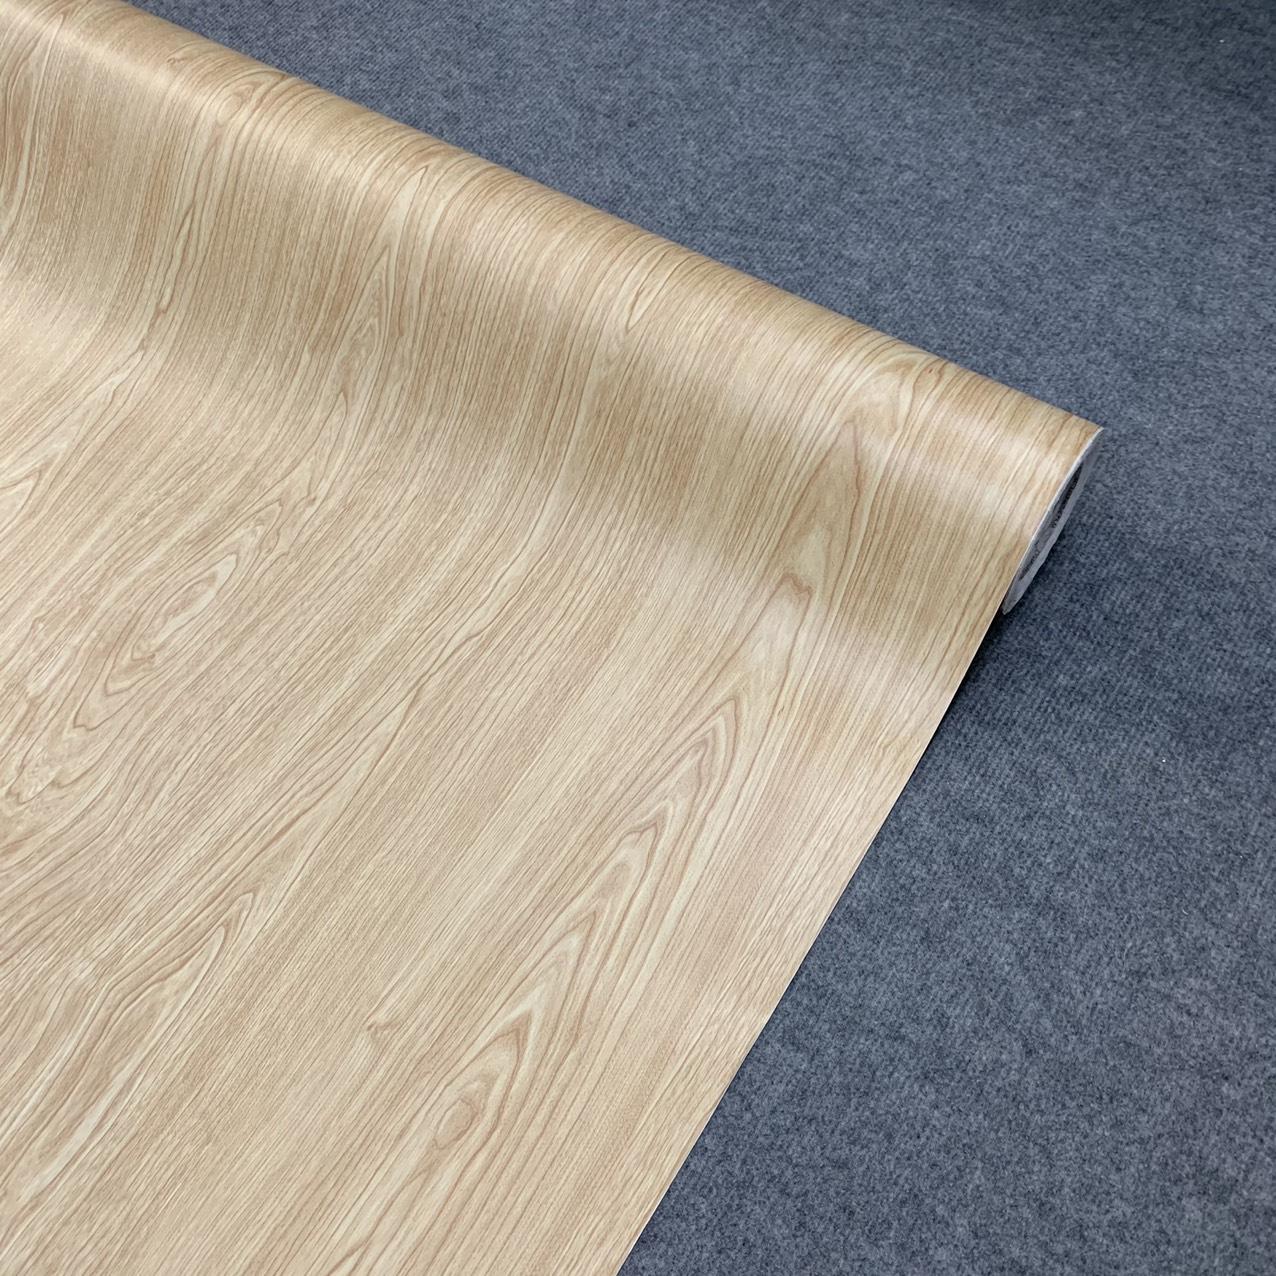 Decal gỗ màu kem - Giấy dán tường bàn tủ có sẵn keo ( khổ 1,2m - Mẫu G4 )